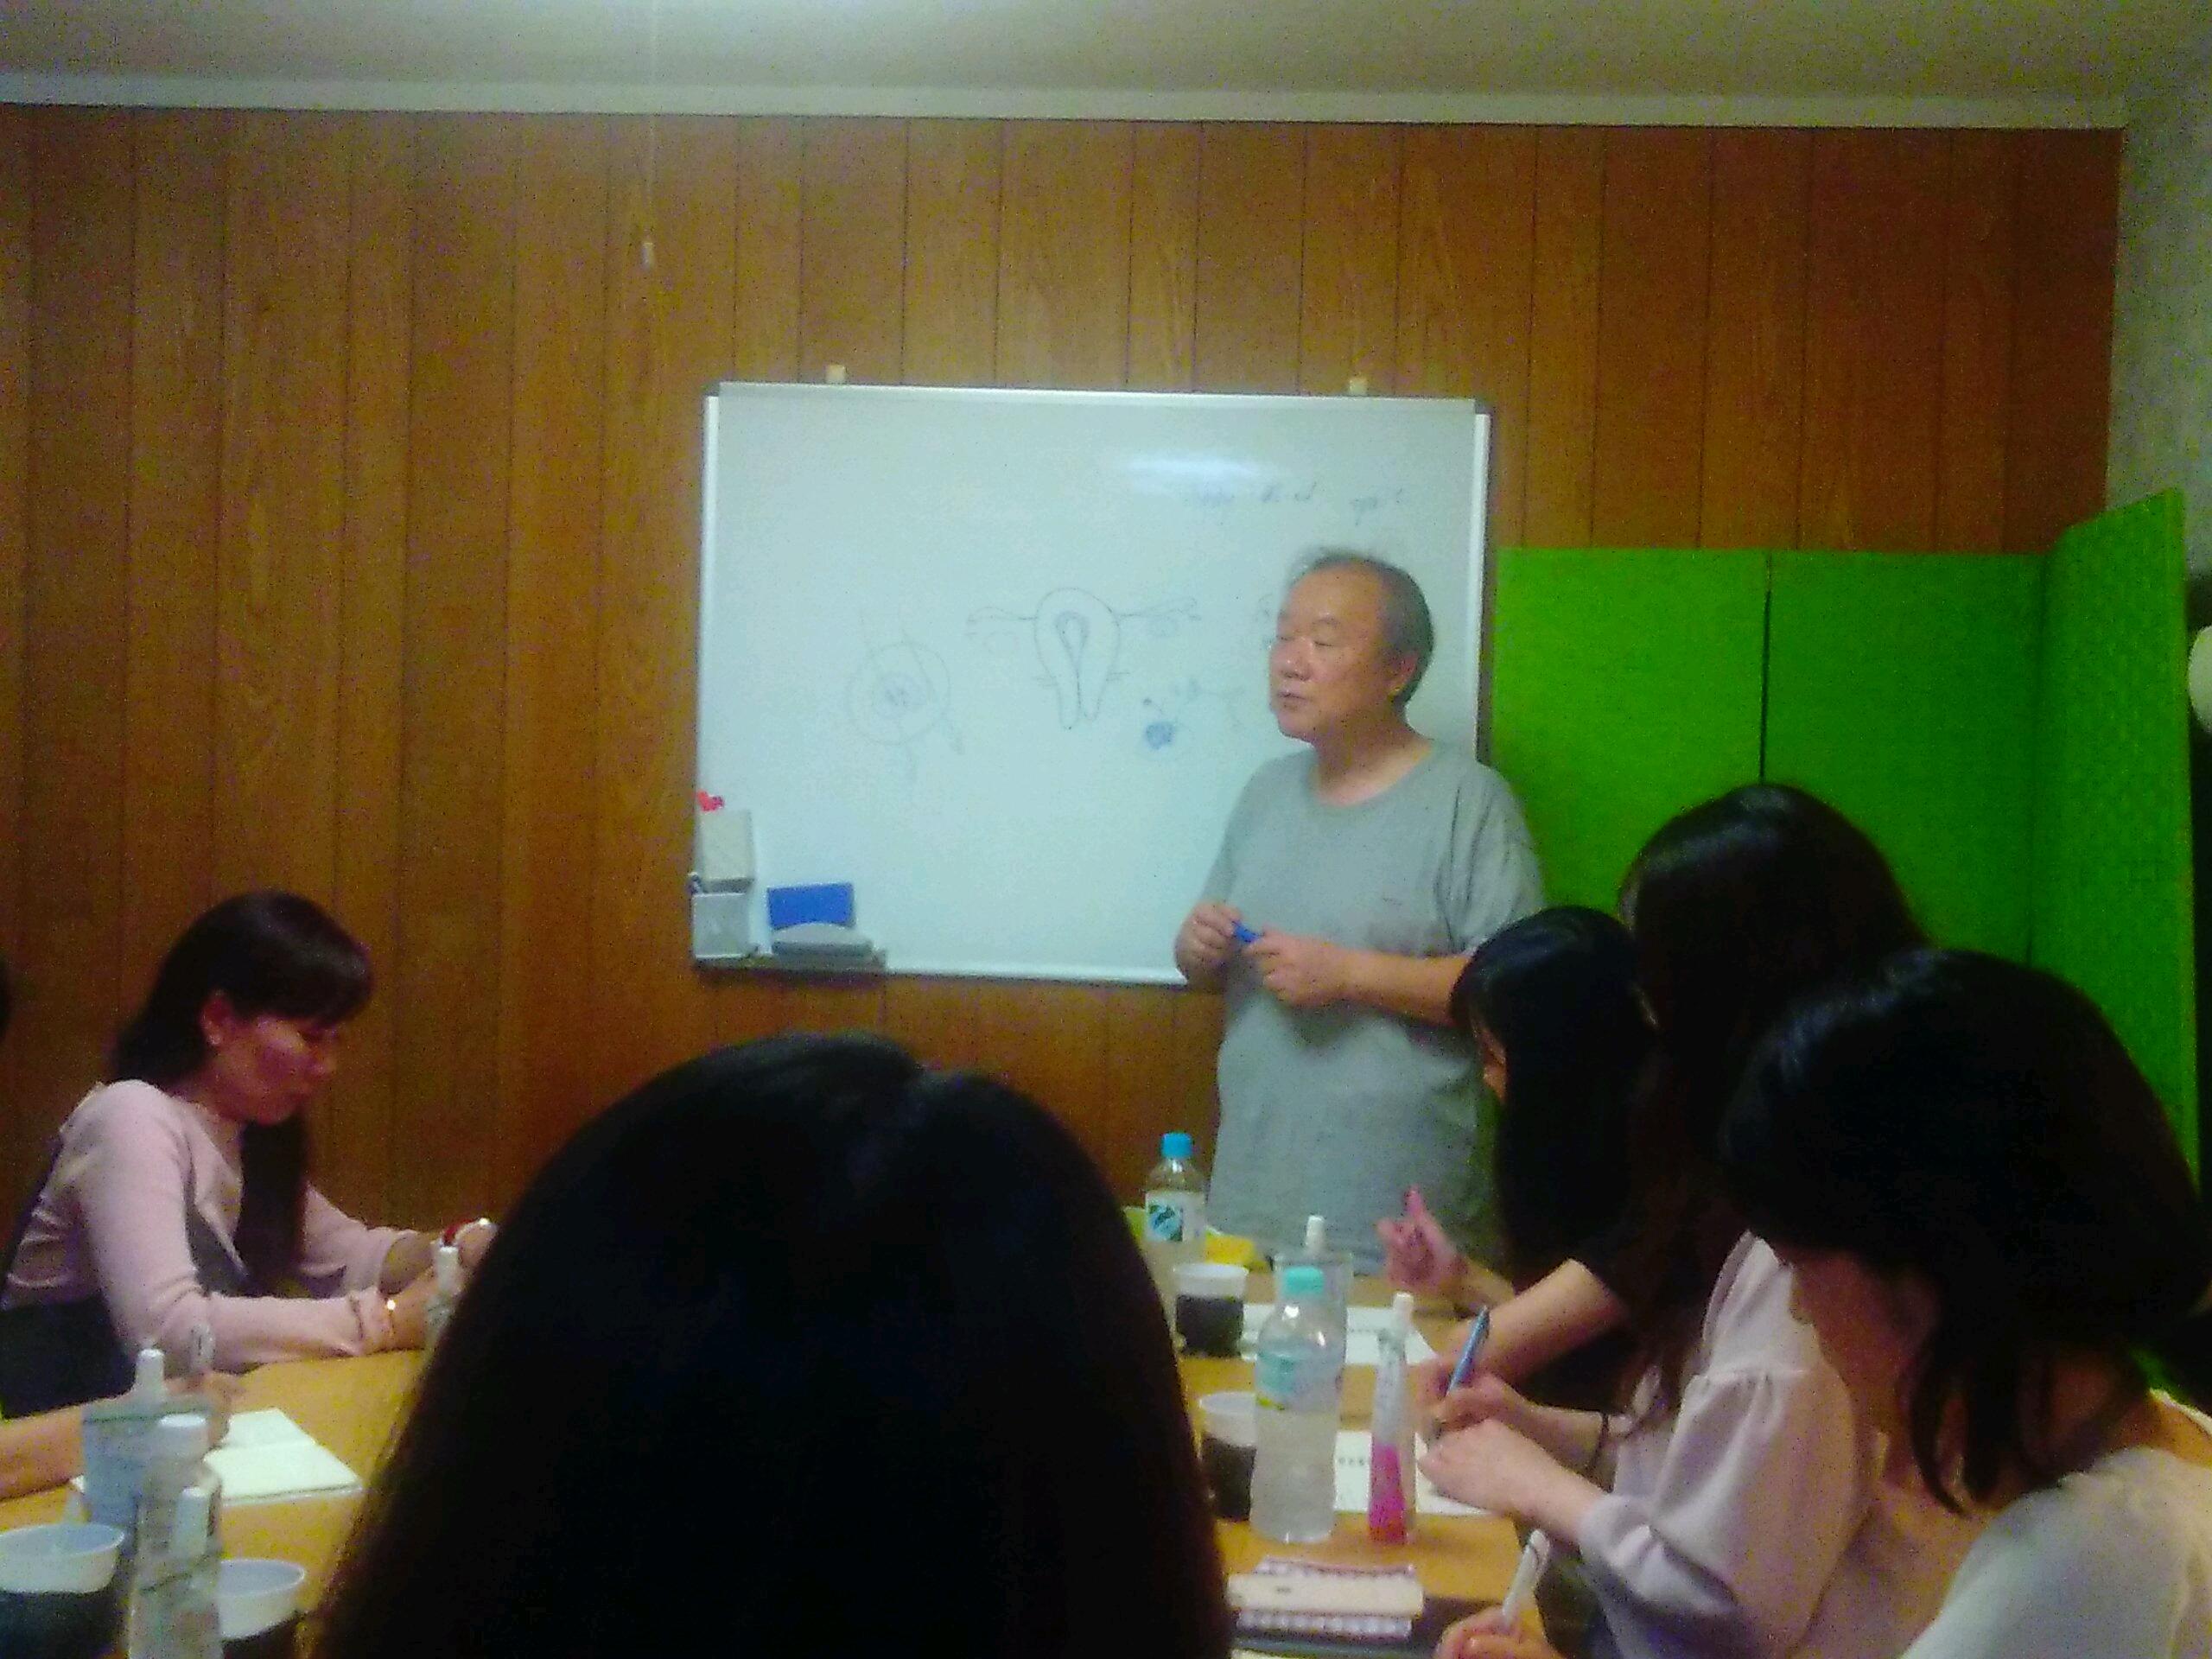 20181003192008 - 愛の子育て塾14期第4講座